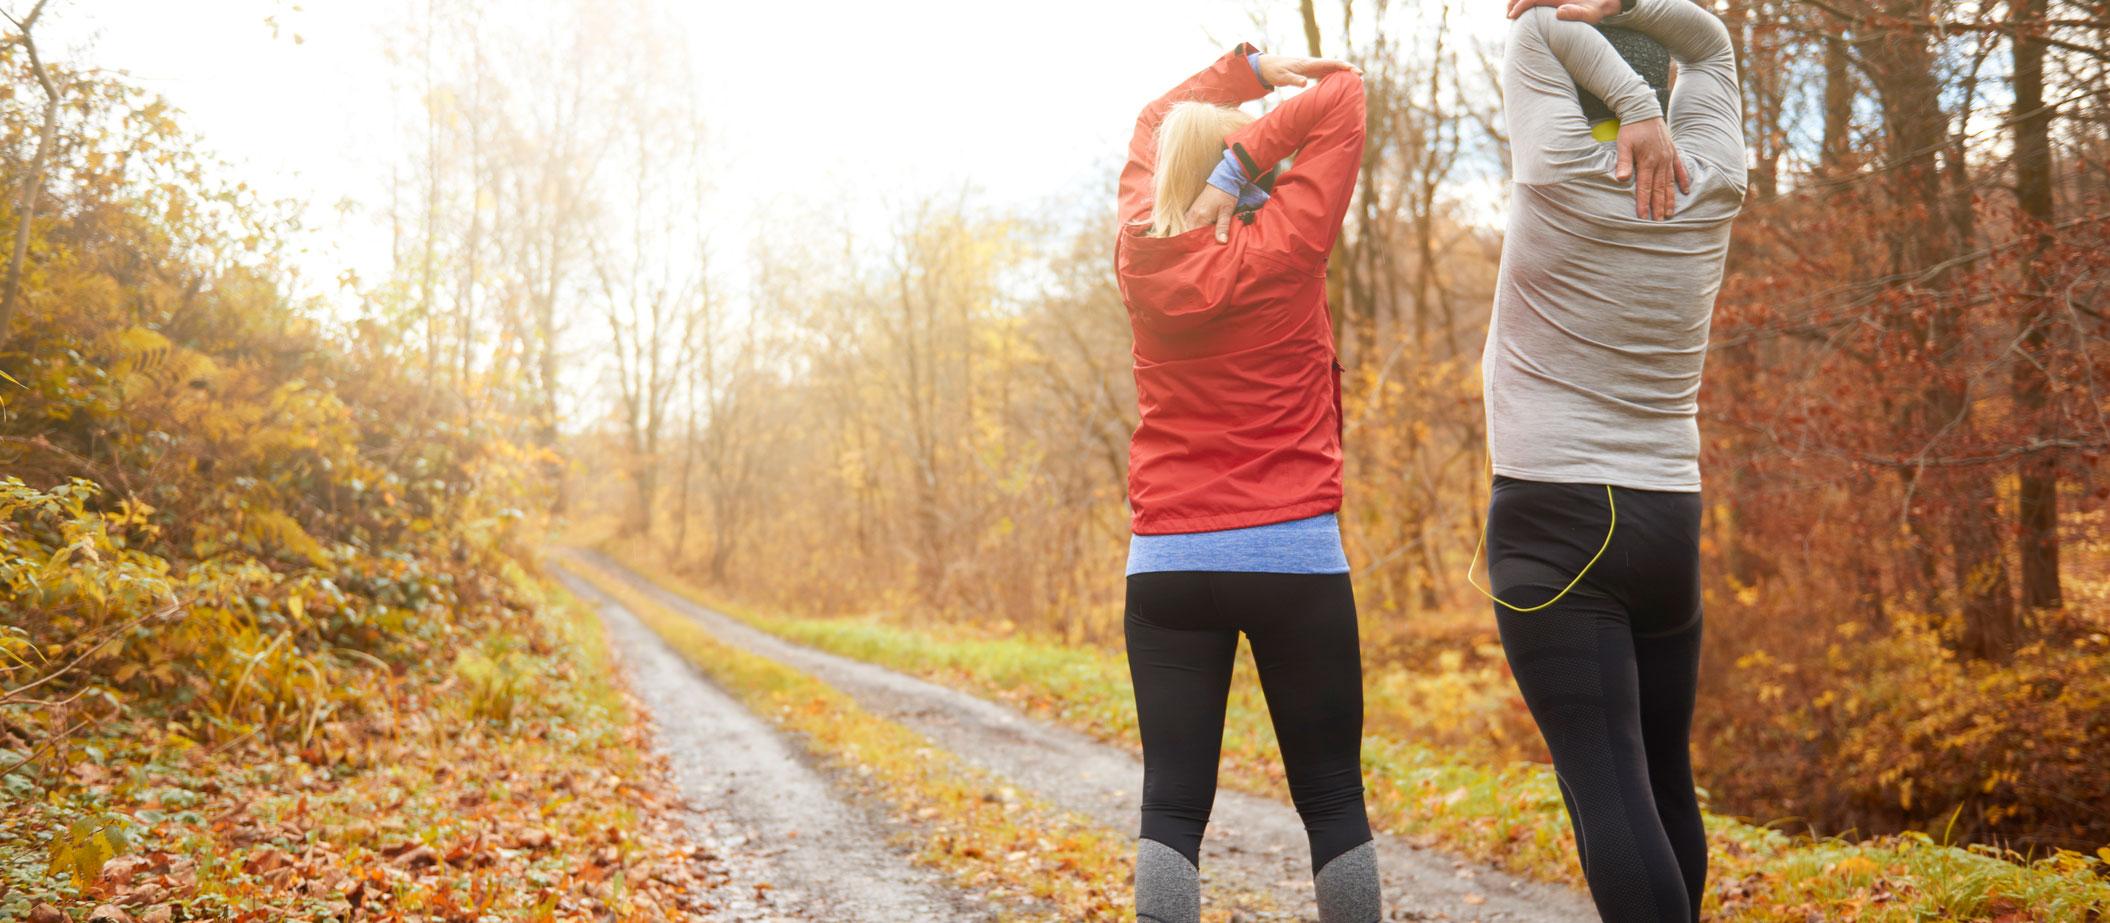 Meditation and Running